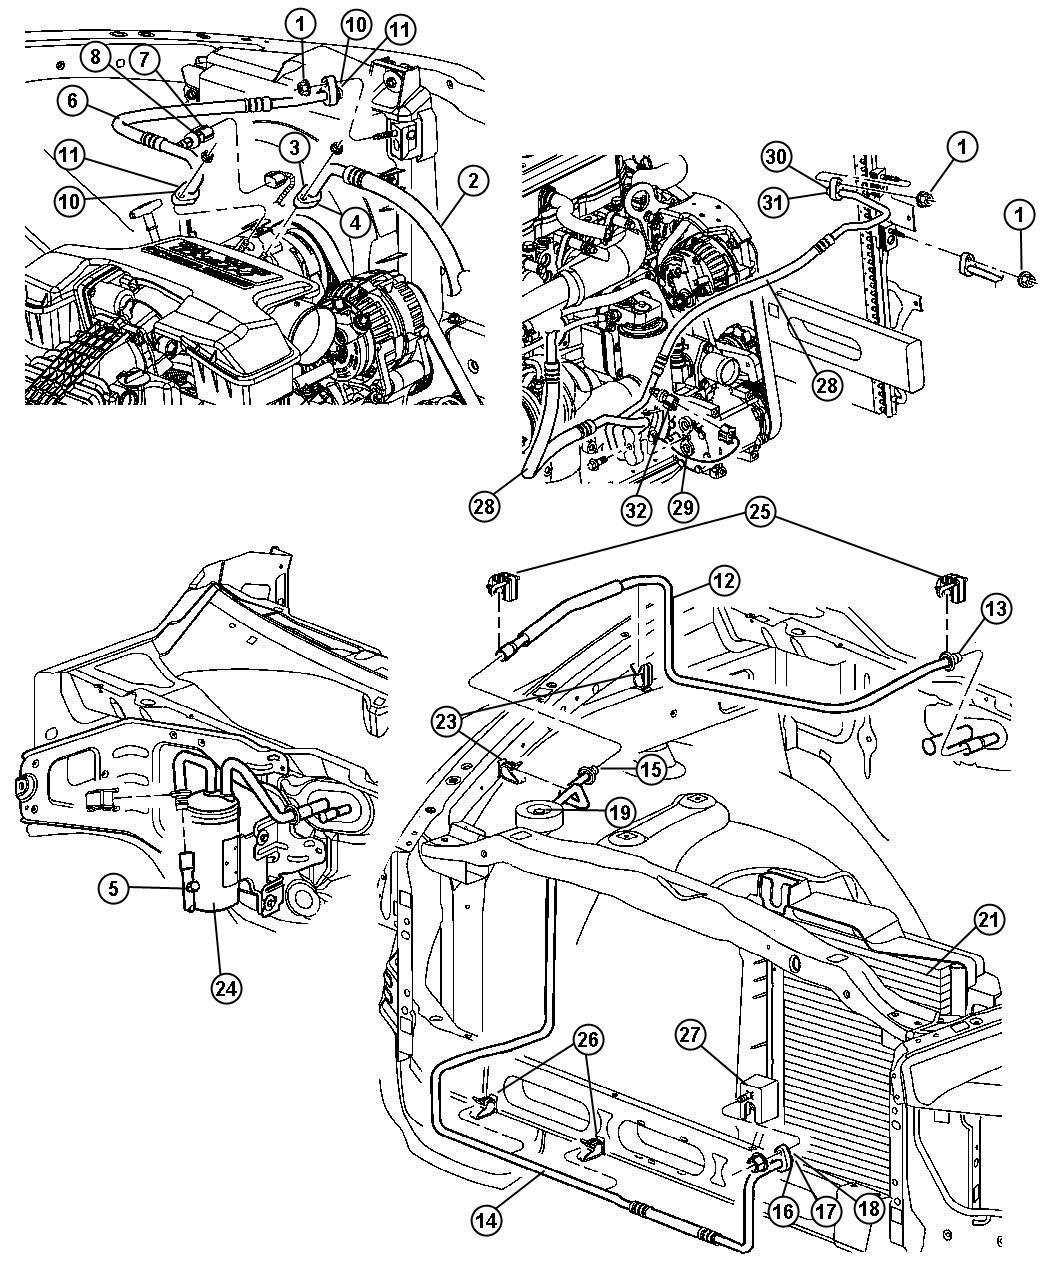 Hvac Airflow Diagram